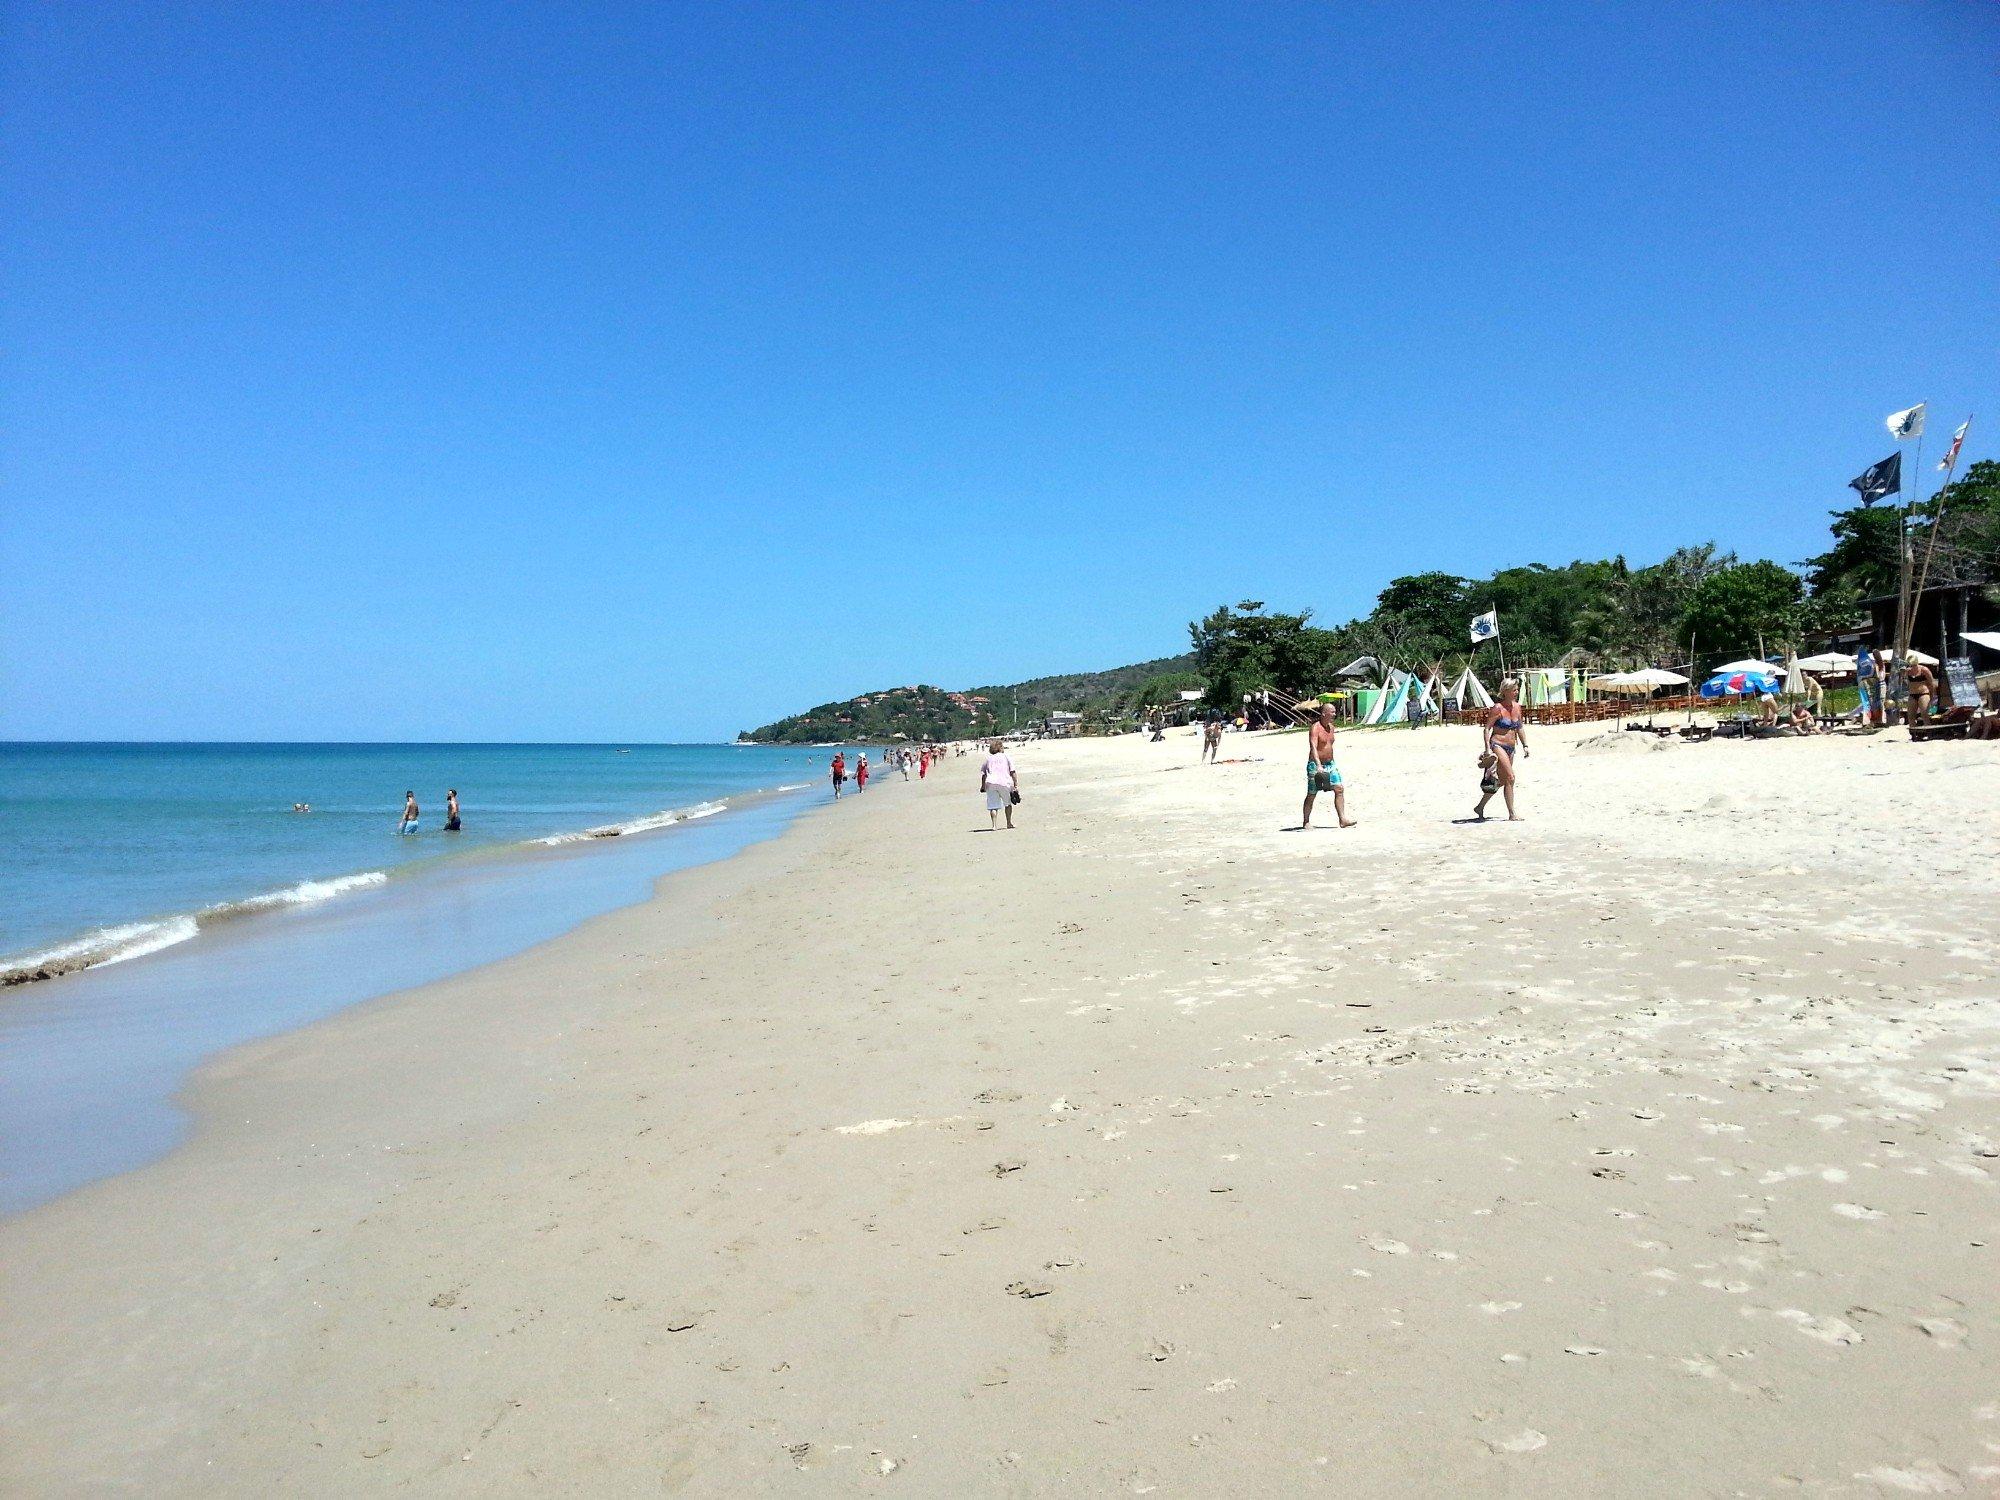 Centre of Klong Khong Beach